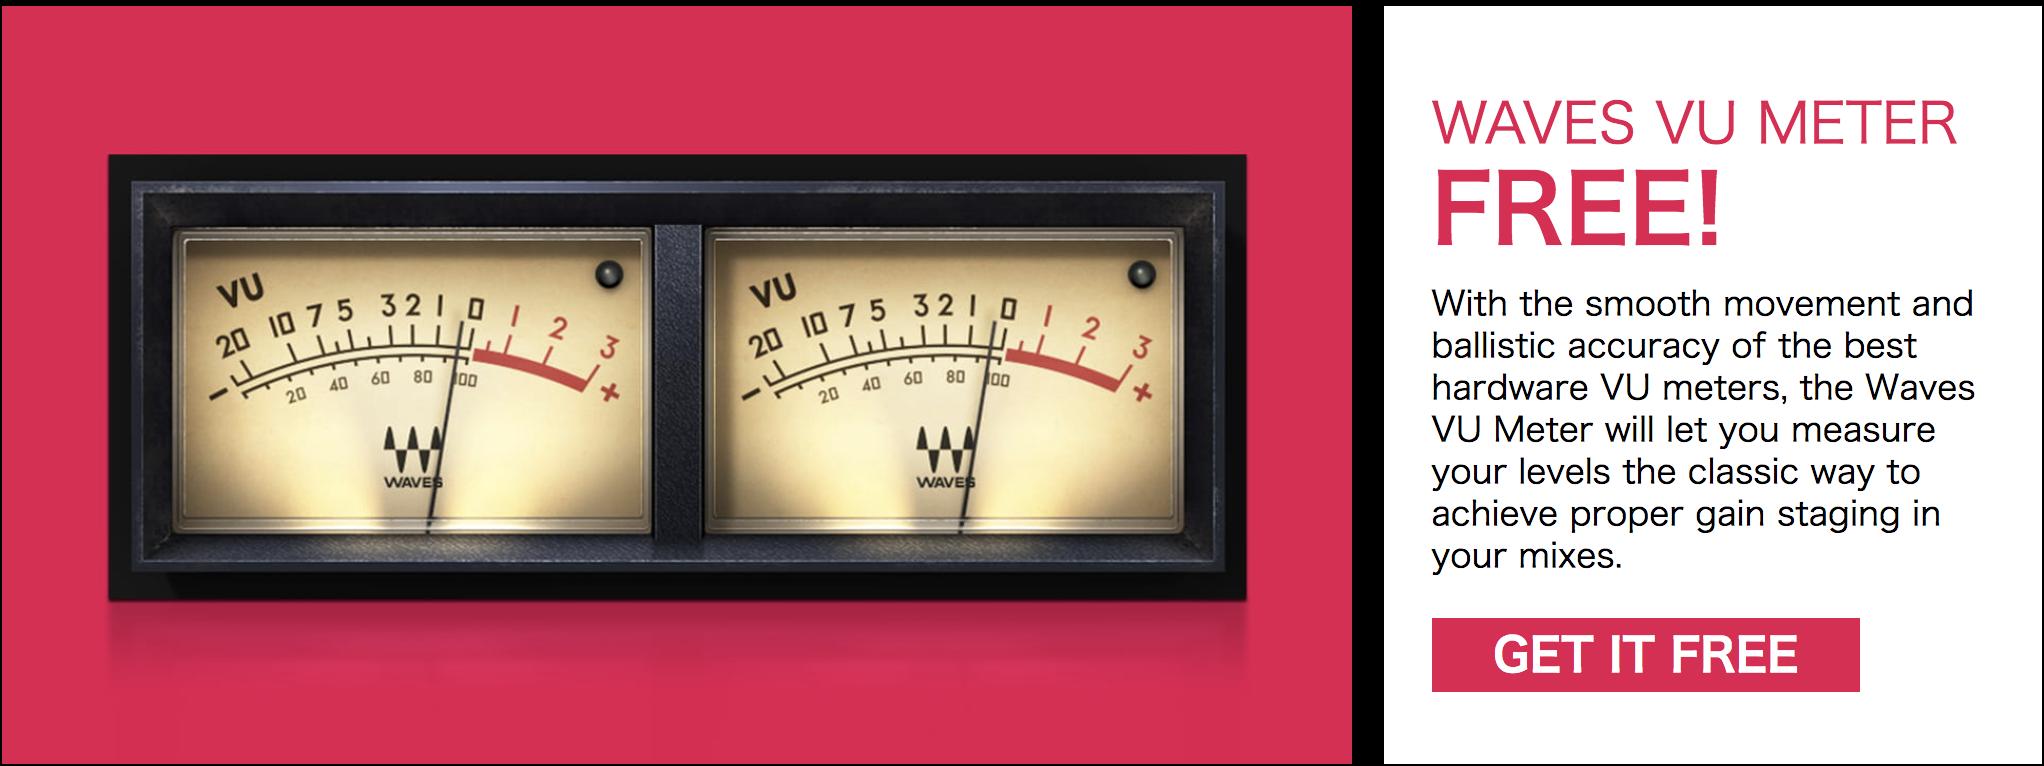 無料】WavesからブラックフライデーによりVU Meterが無償配布